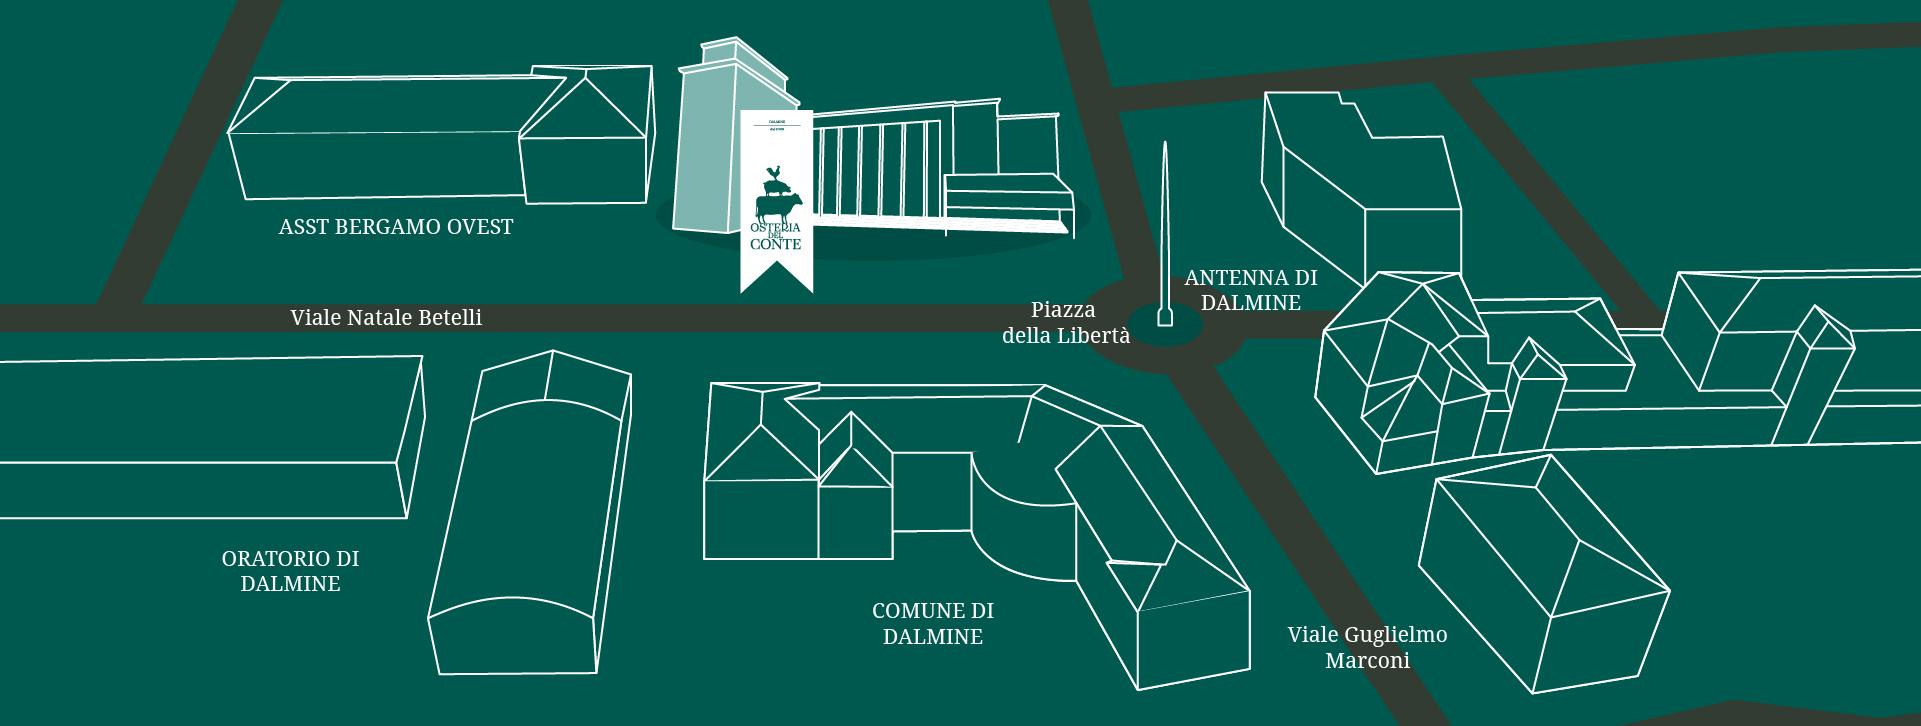 mappa osteria del conte